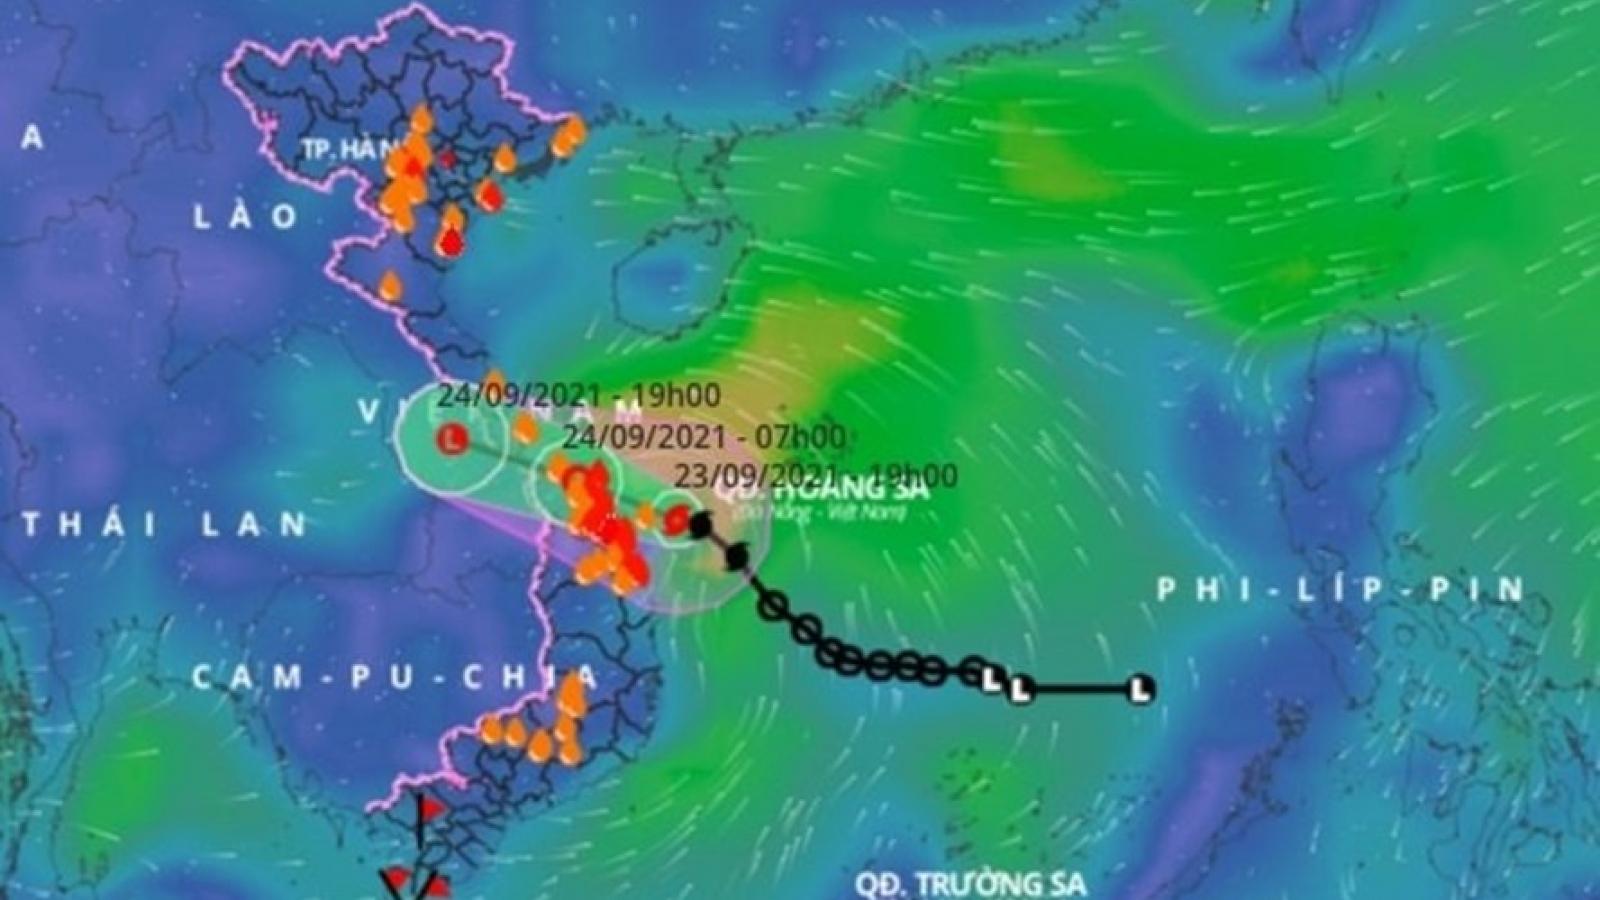 Bão số 6 cách bờ biển Đà Nẵng khoảng 120 km